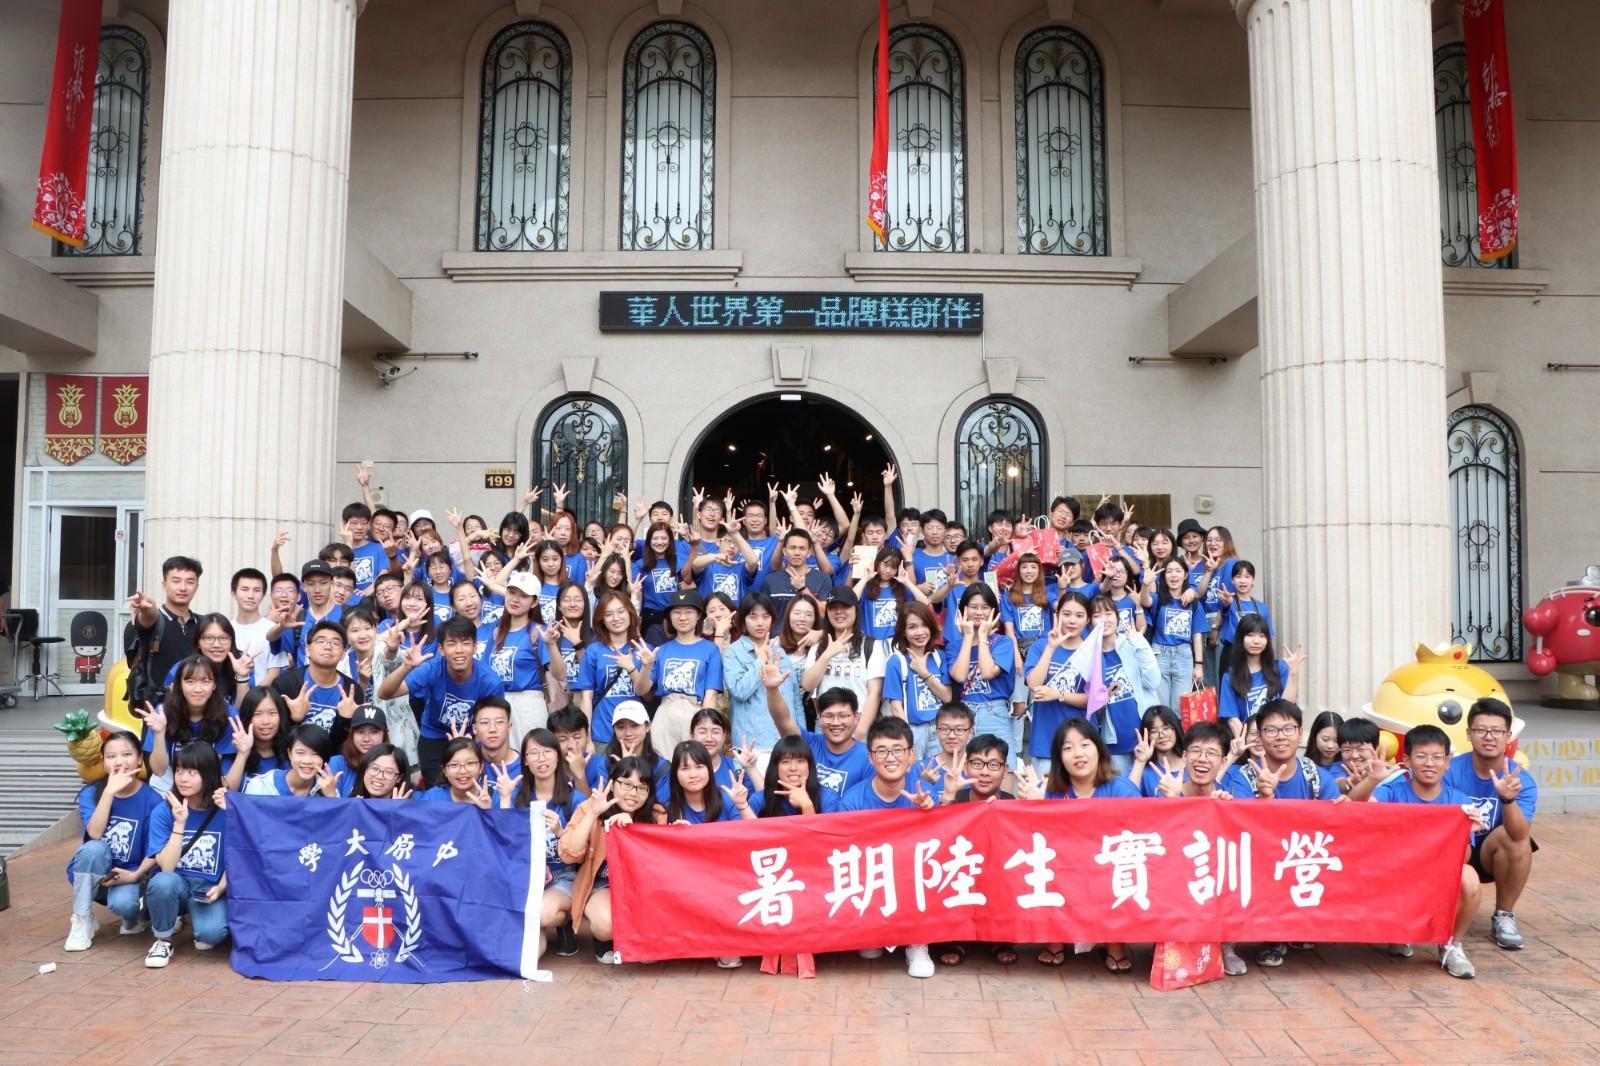 親手製作台灣伴手禮-鳳梨酥讓學子們留下深刻的回憶.jpg